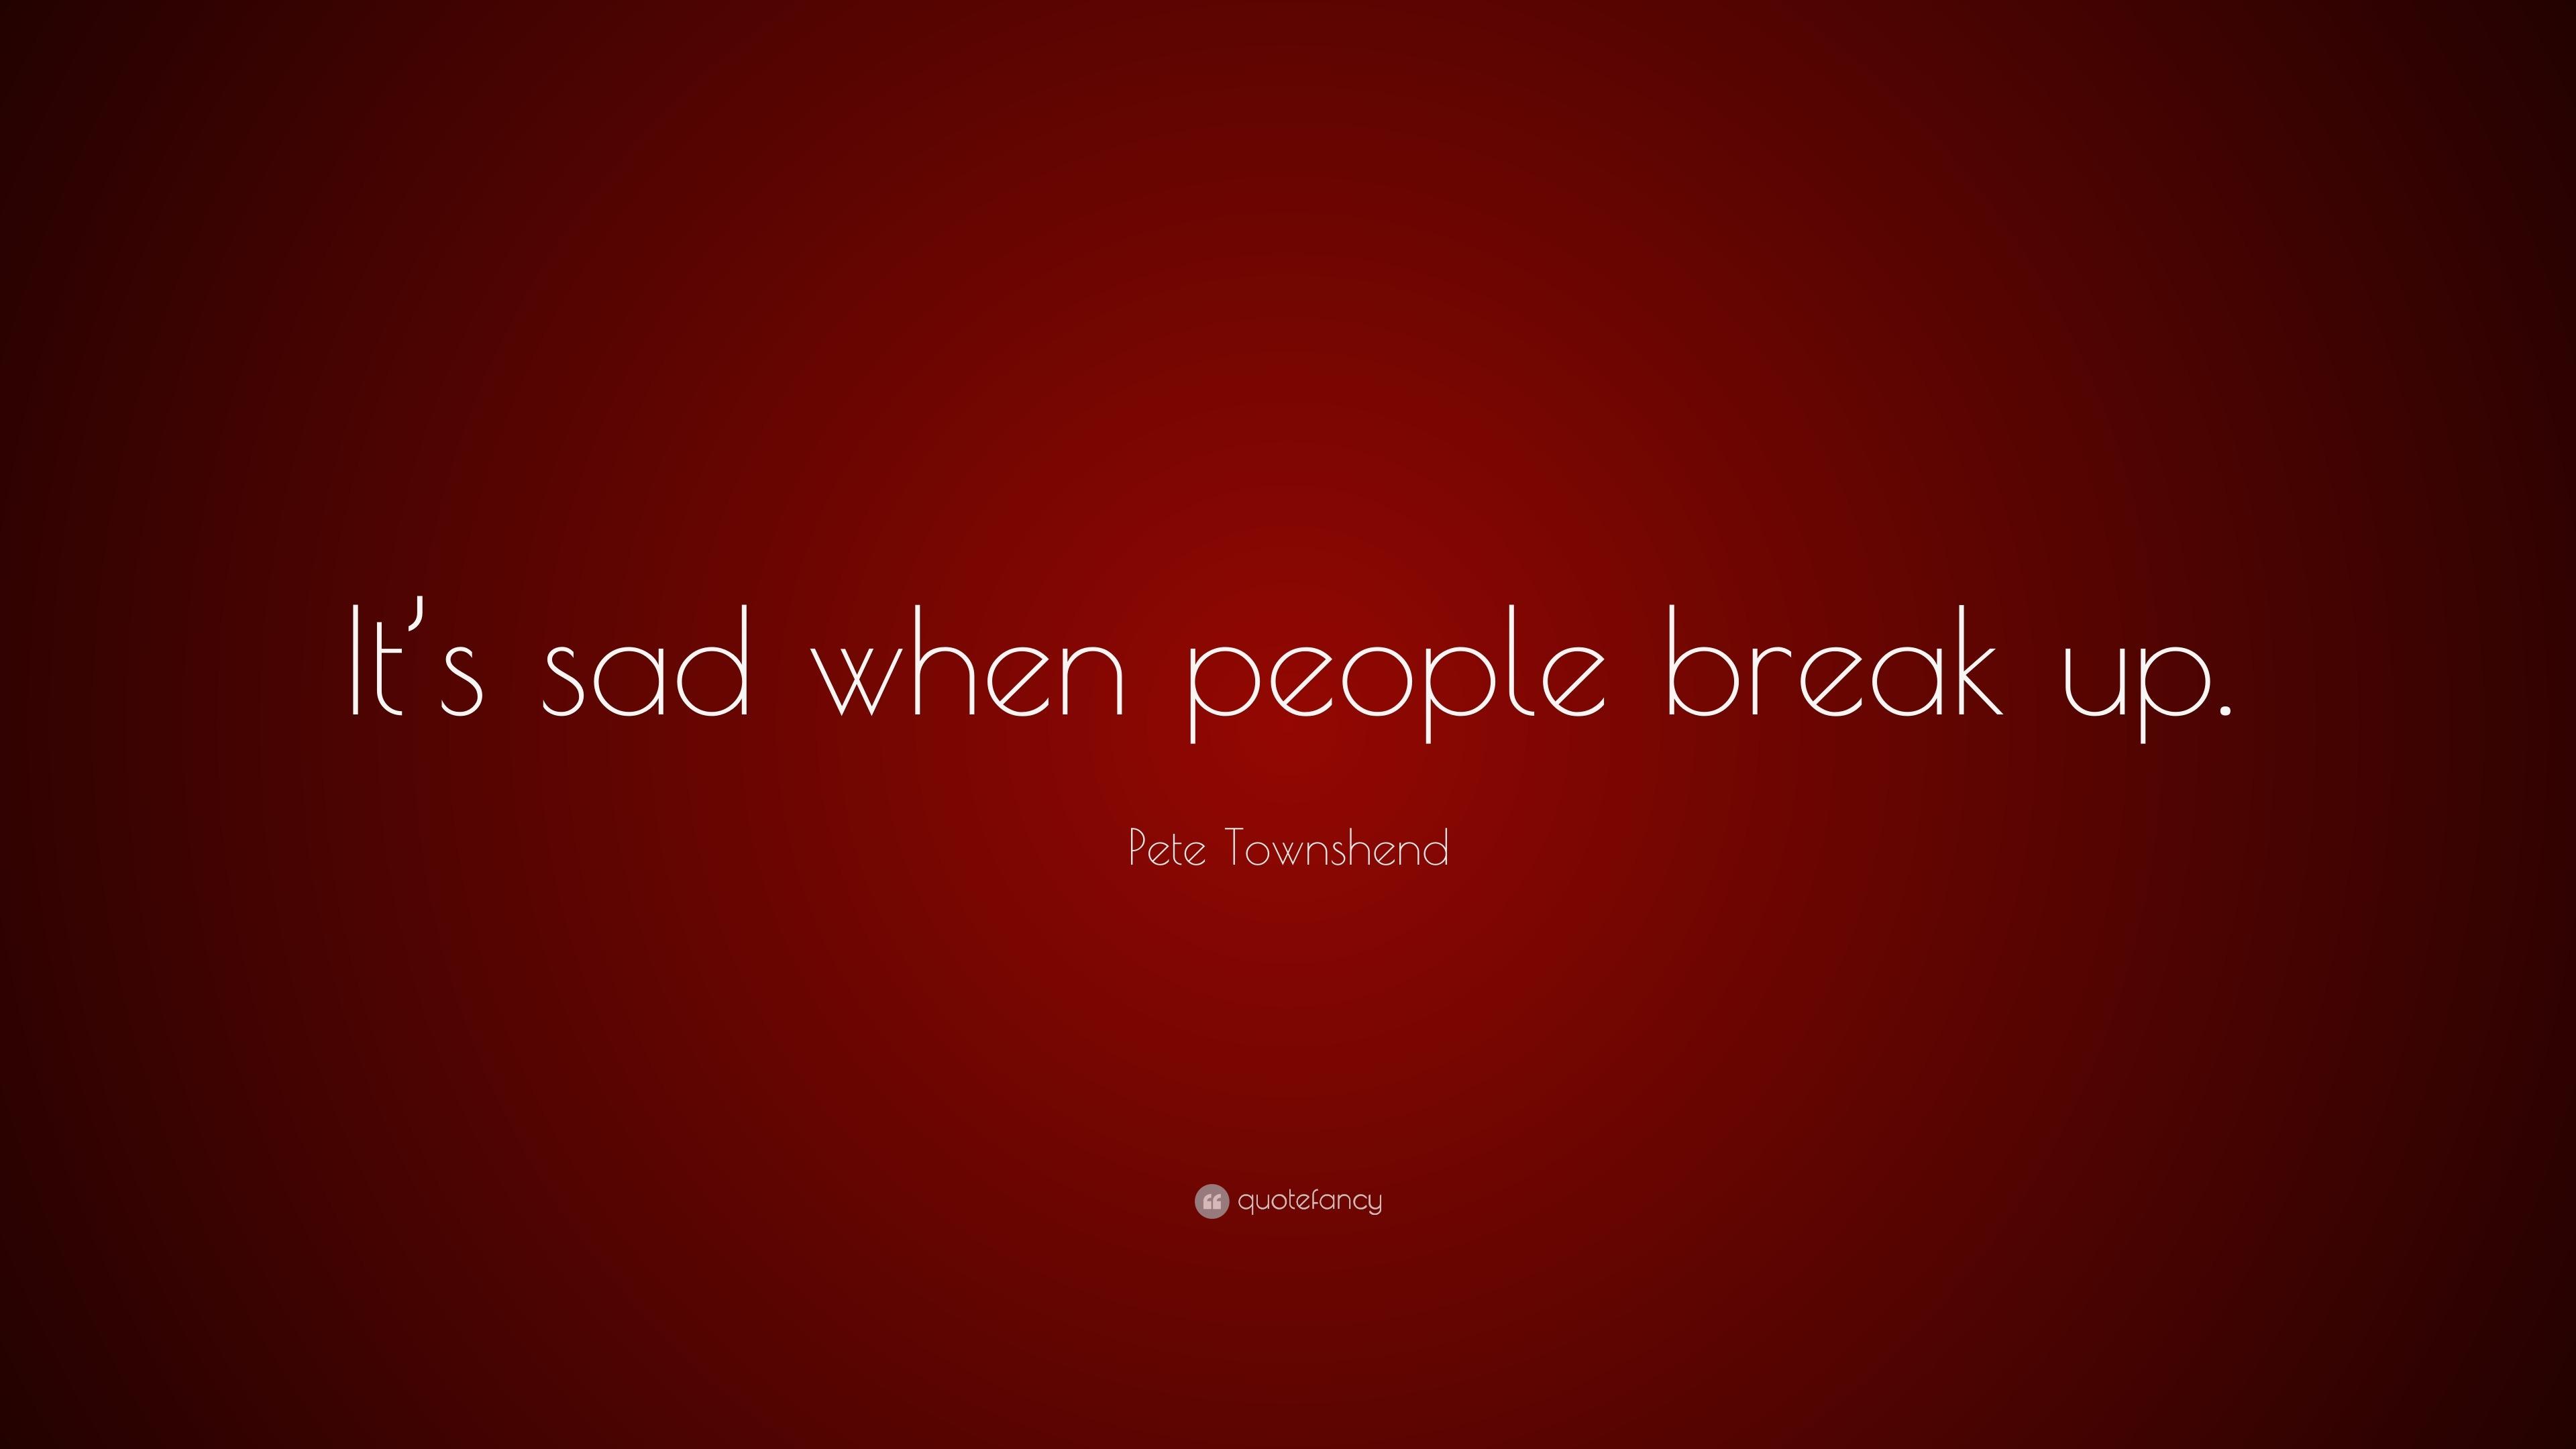 Breaking Up Quotes Breakup Quotes 40 Wallpapers  Quotefancy